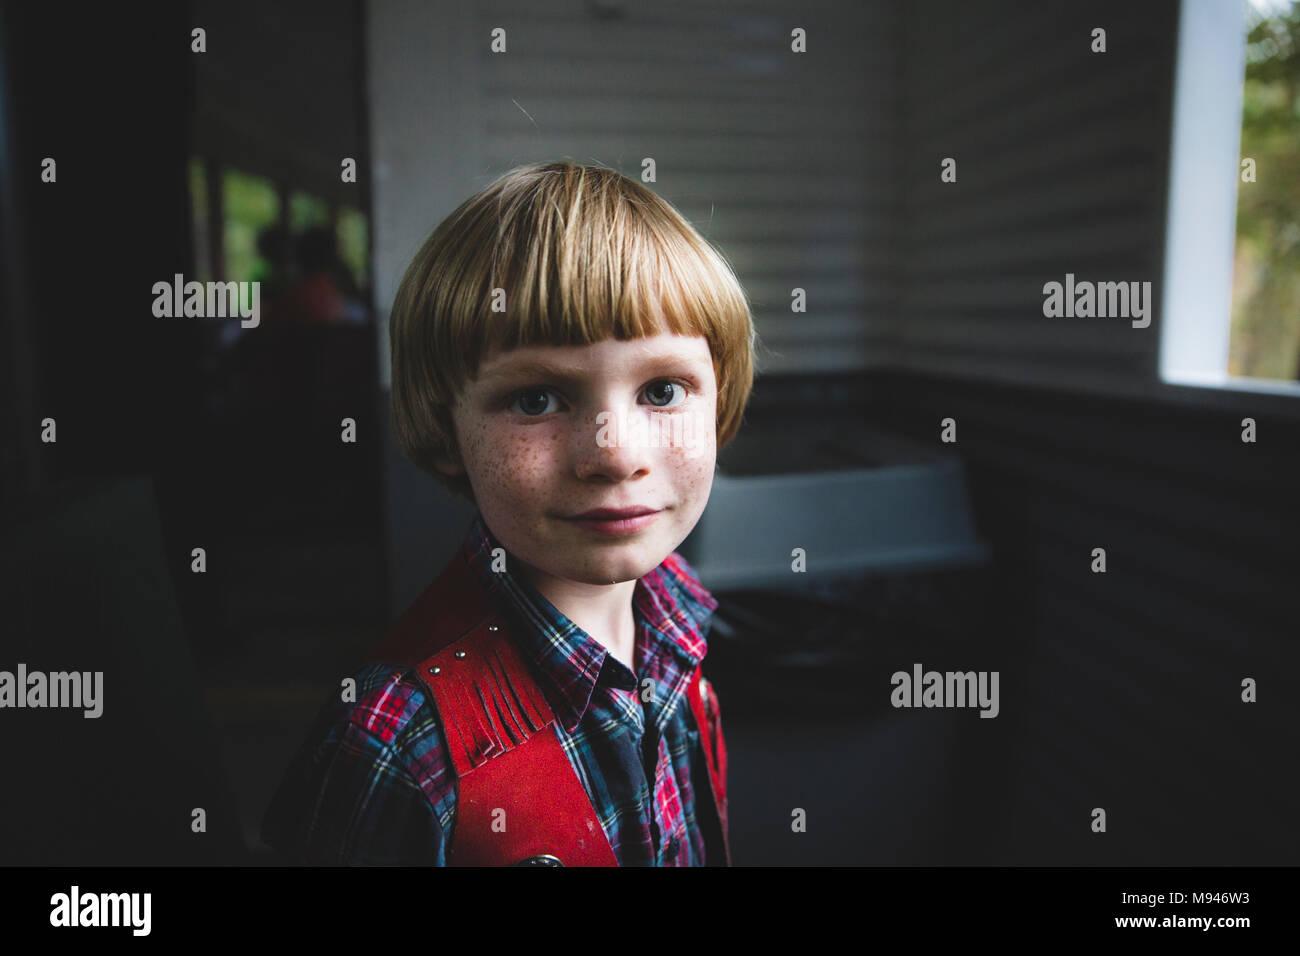 Junge mit den Sommersprossen schauen in die Kamera Stockbild